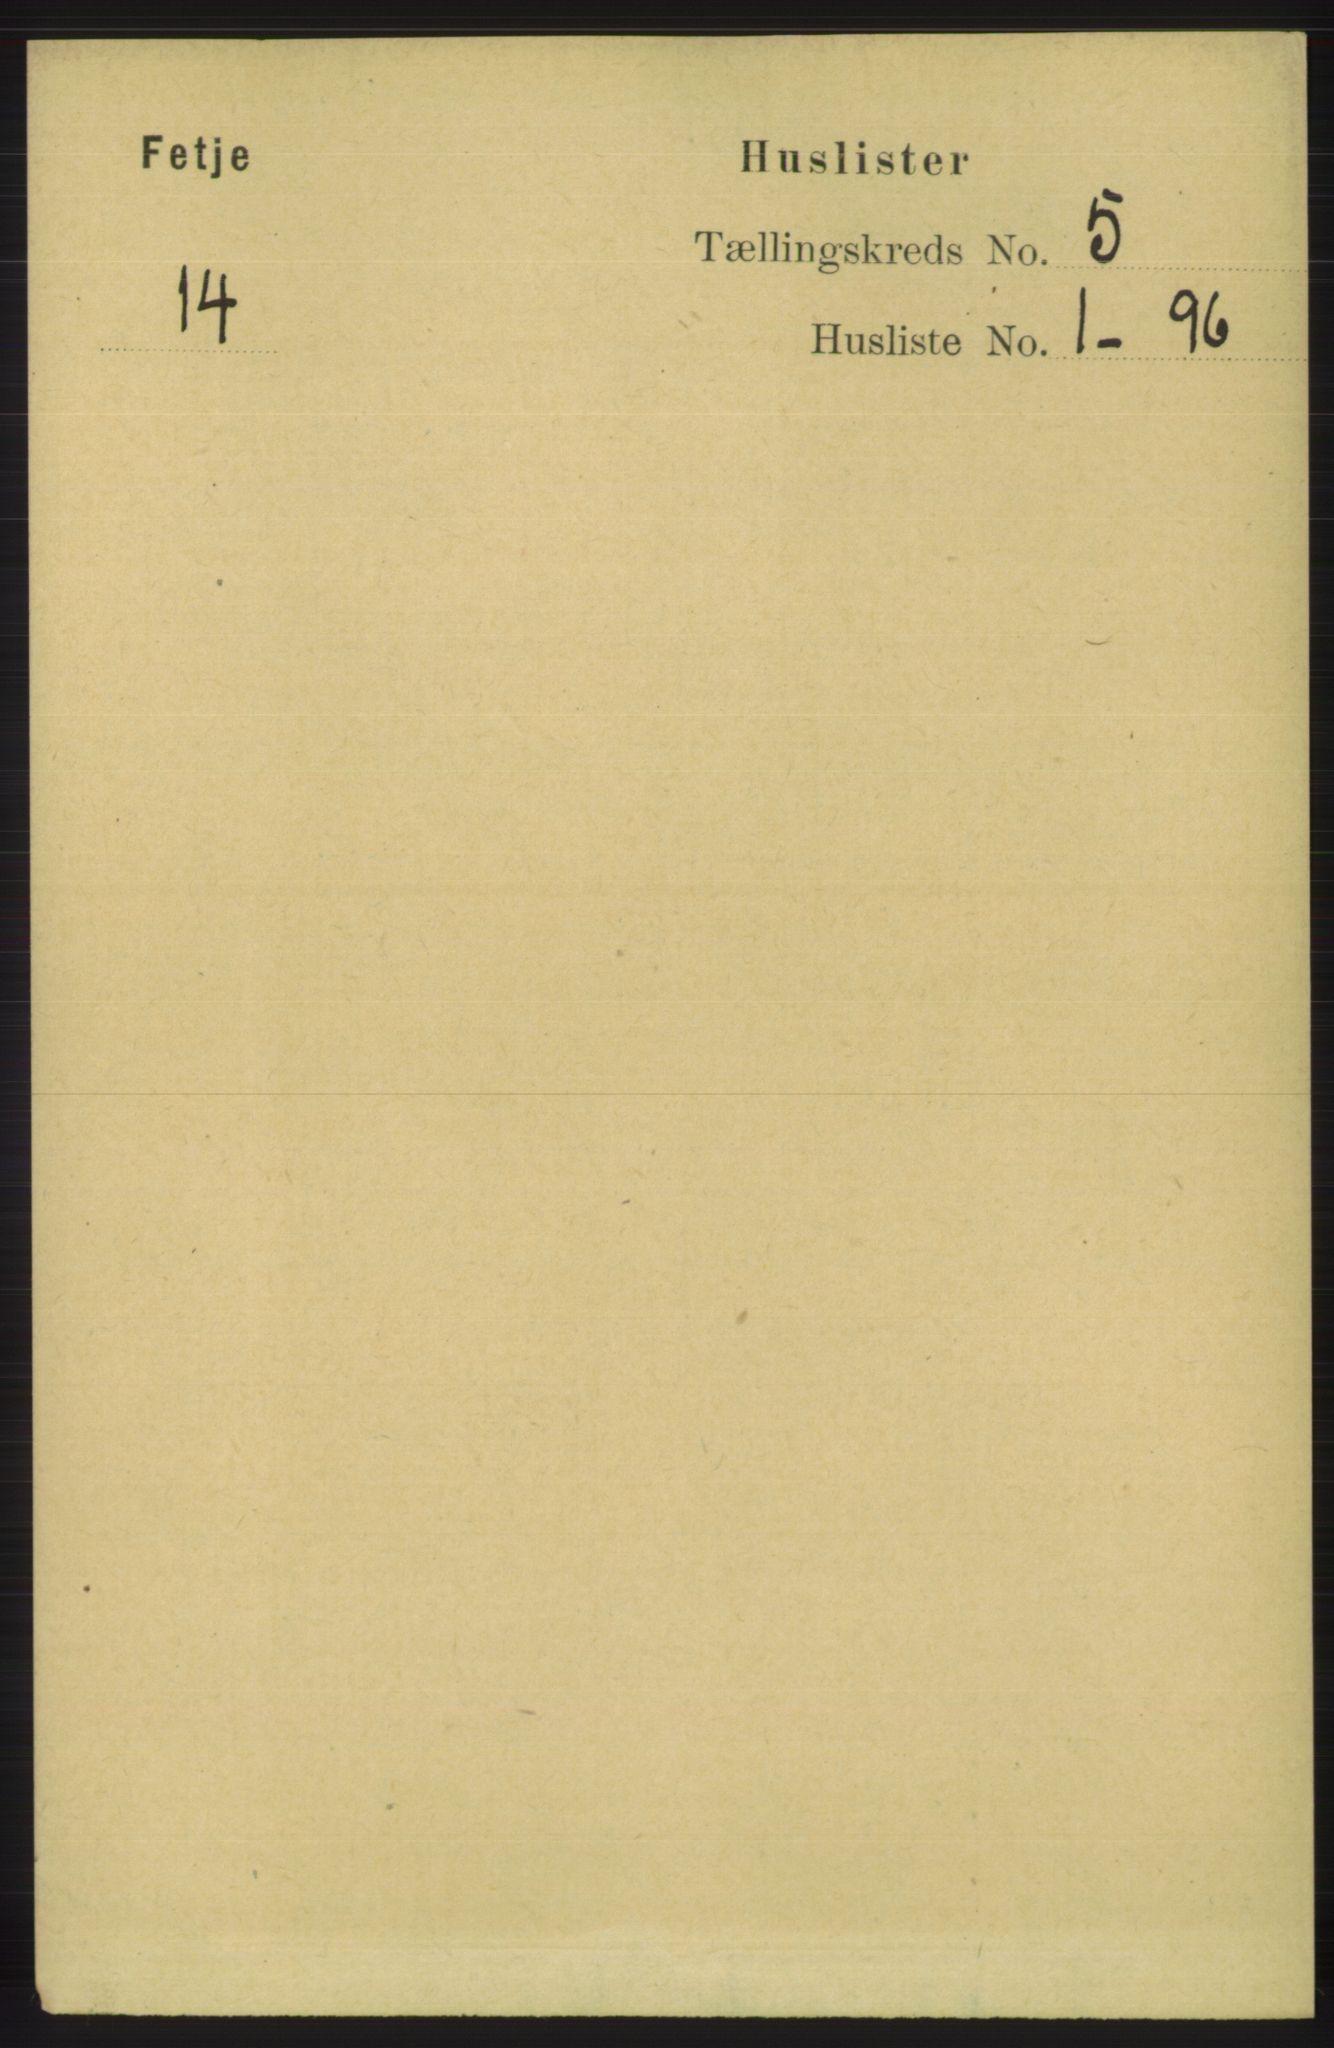 RA, Folketelling 1891 for 1222 Fitjar herred, 1891, s. 1676